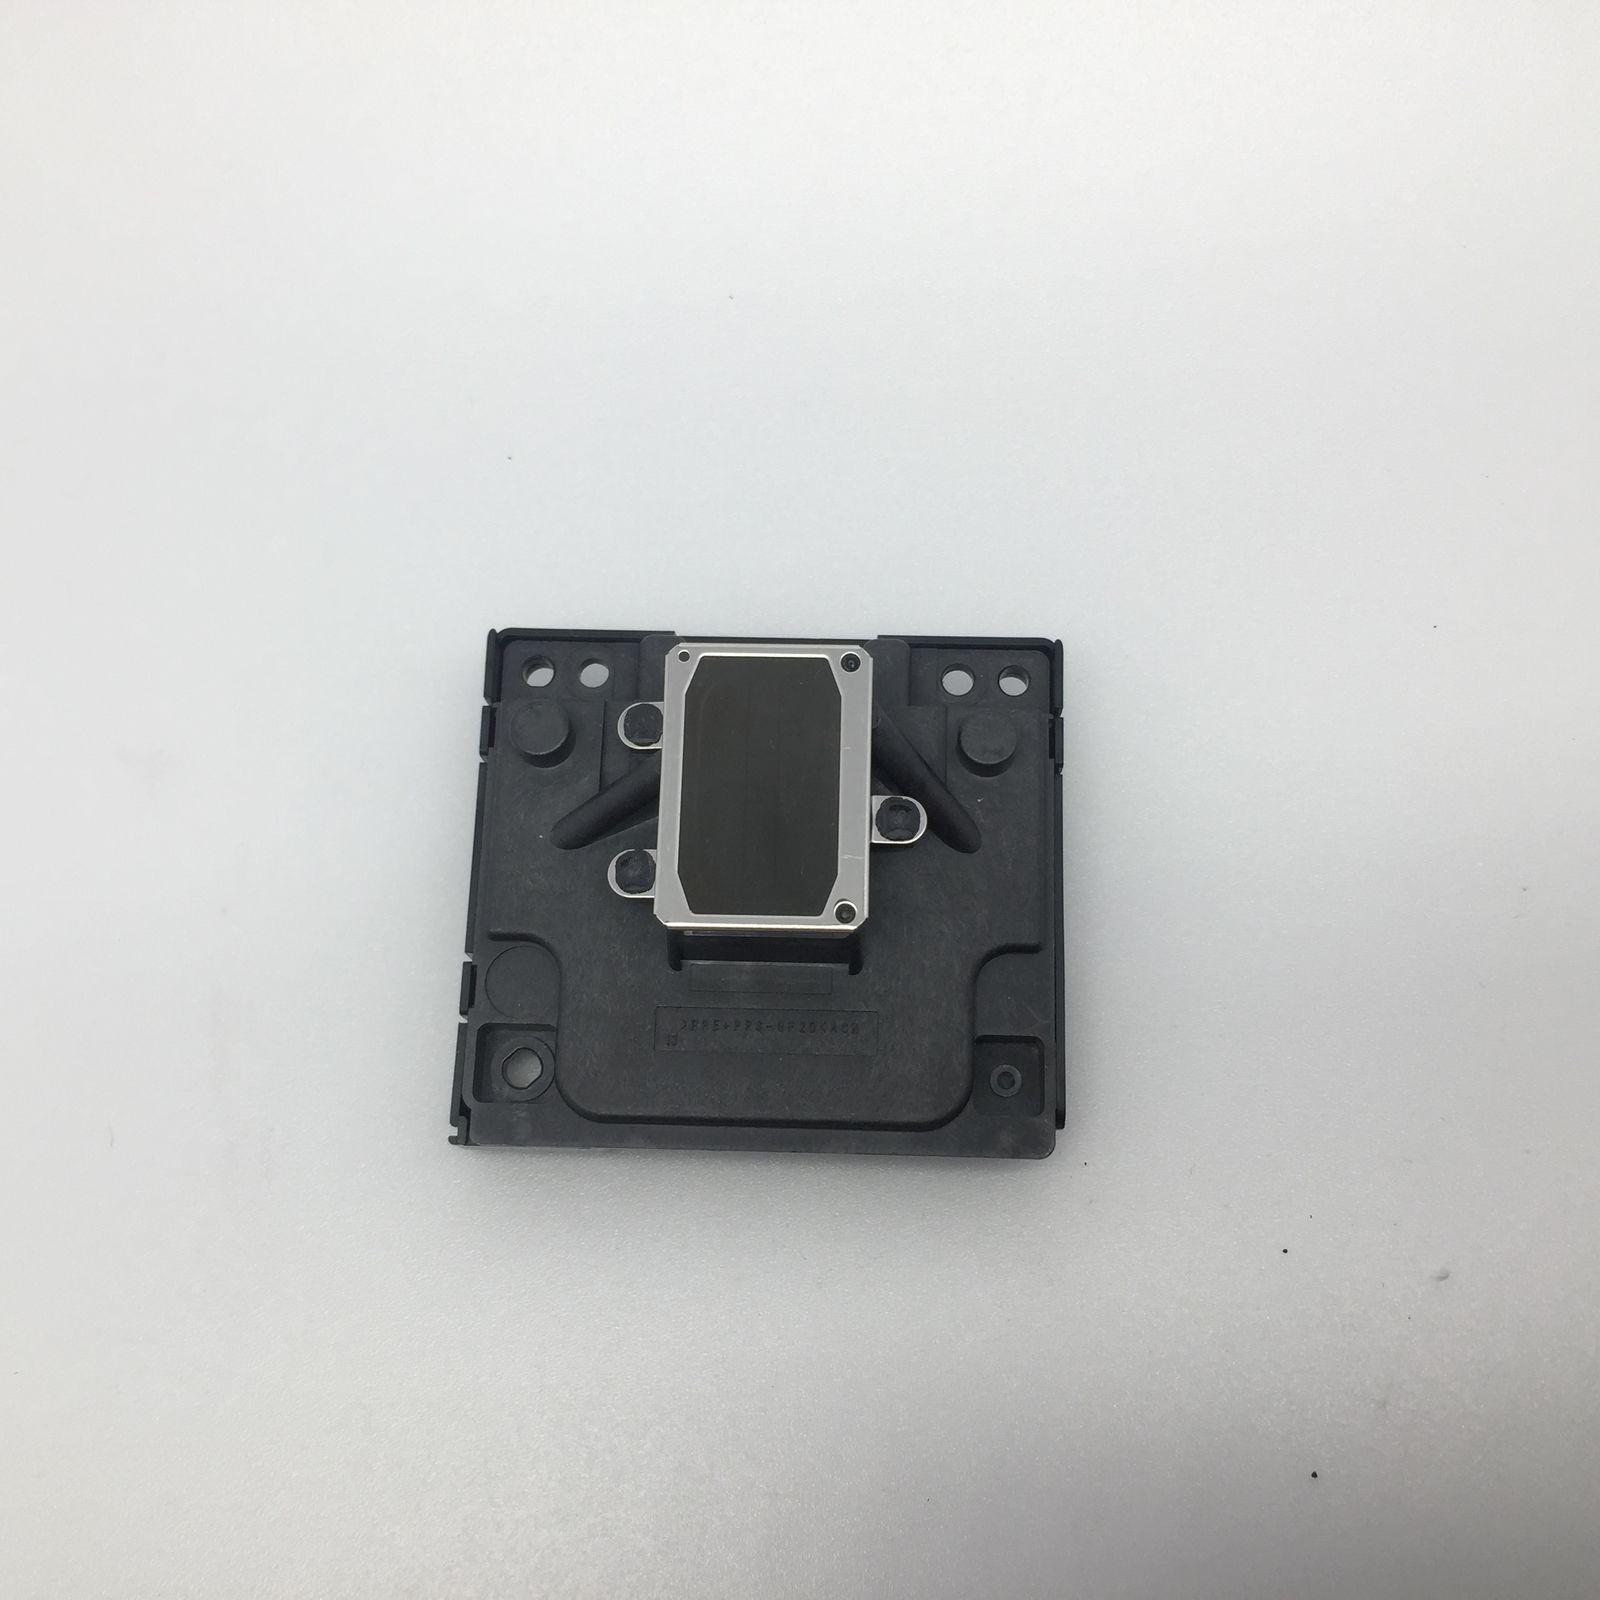 F181010 Printhead Print Head For Epson  TX300 CX5600 TX105  CX2800 CX2900 CX3000 CX3900 CX3700 CX3800 CX3850 CX4300 Printer